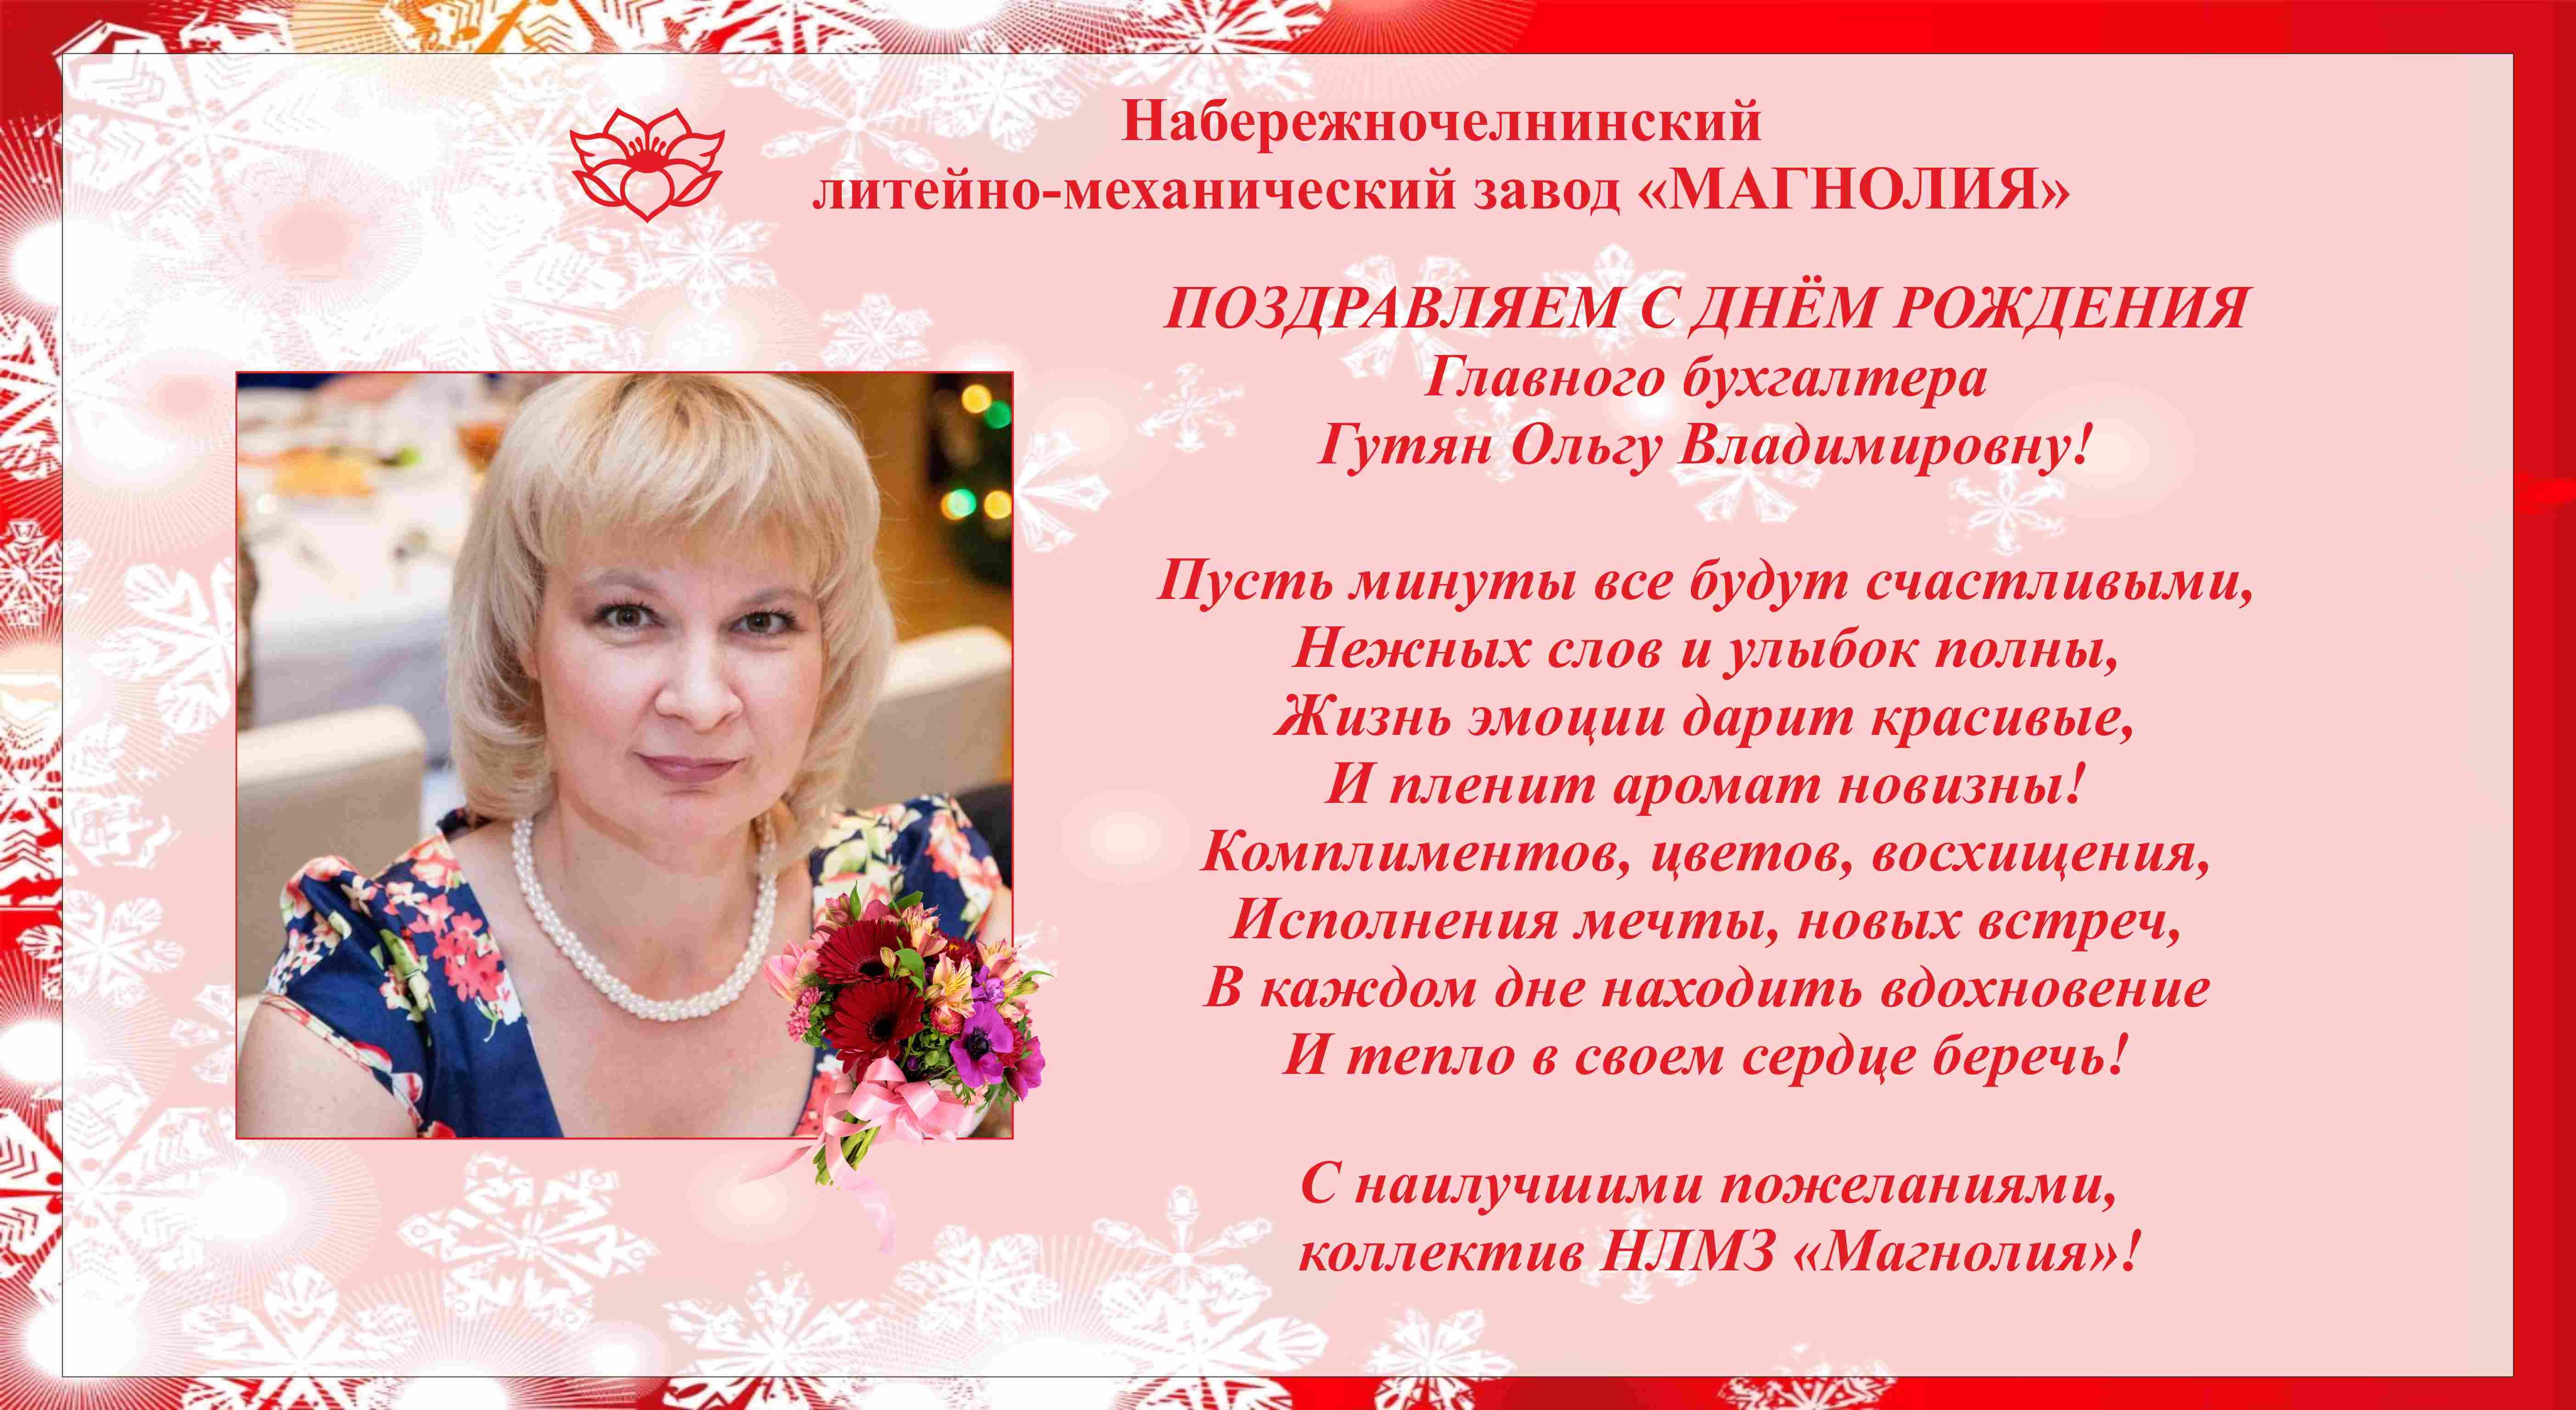 Поздравления с днем рождения от коллектива бухгалтеров